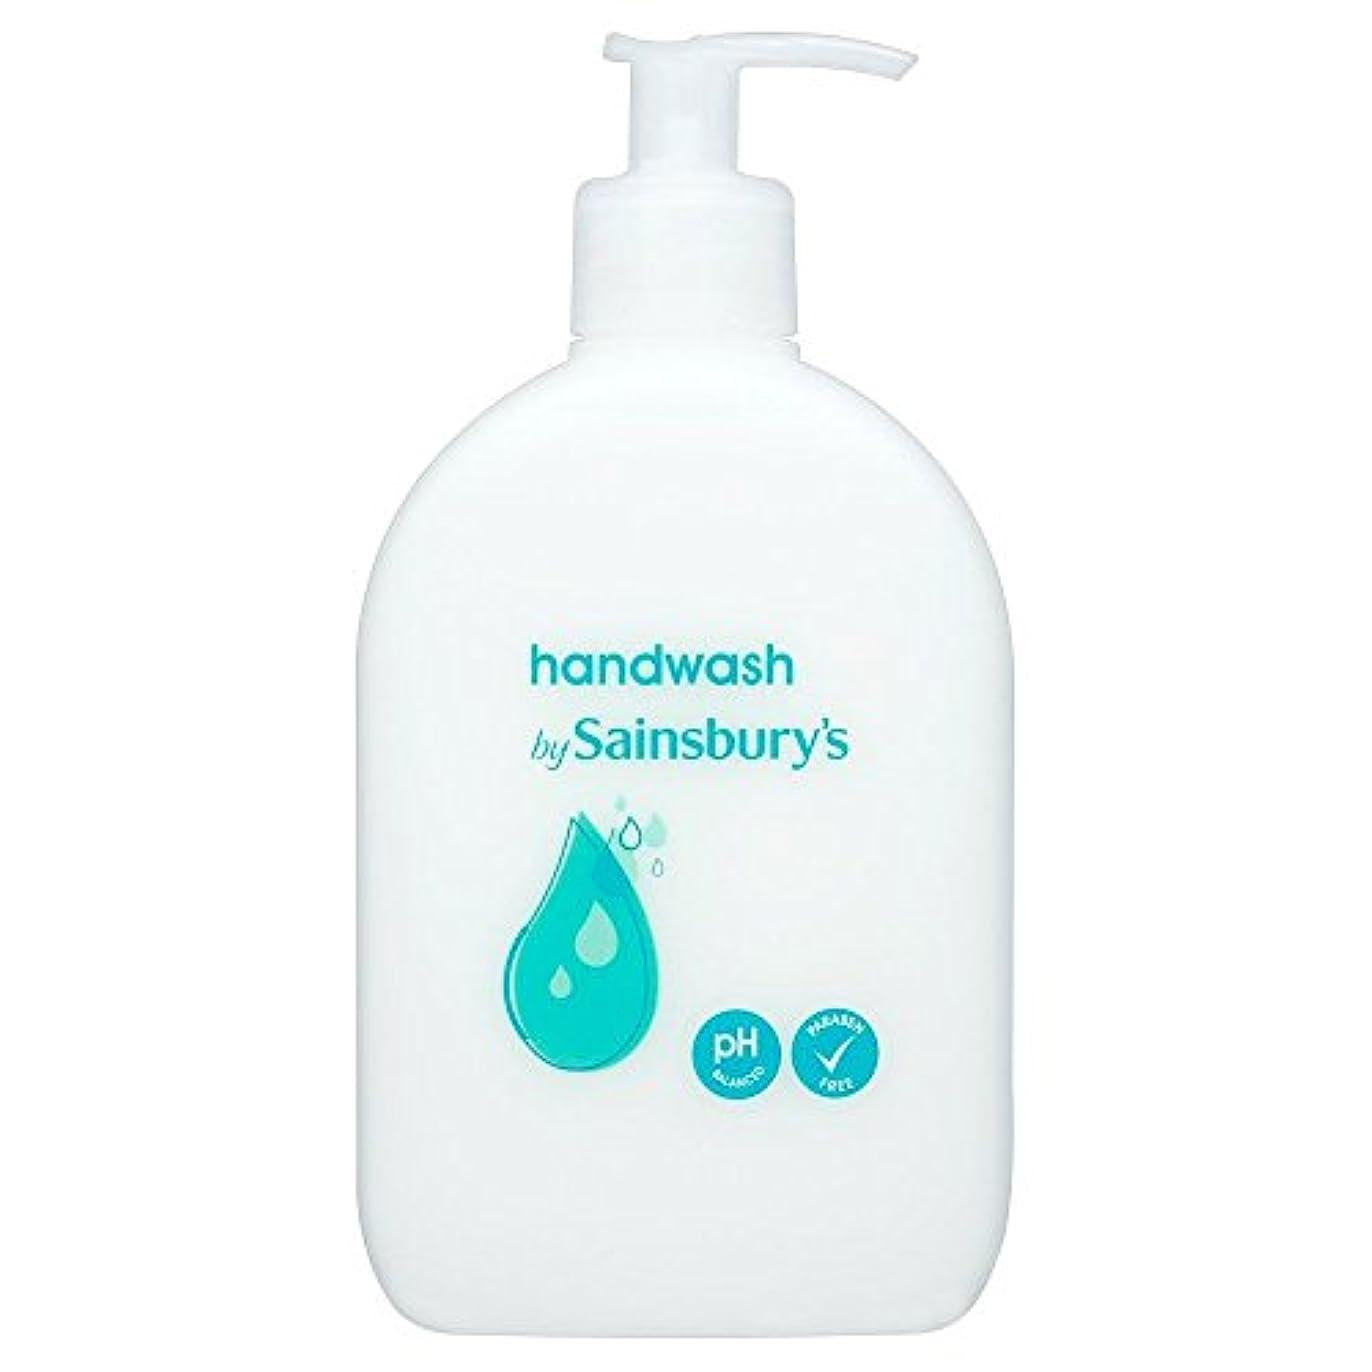 悔い改める窓を洗う市長Sainsbury's Handwash, White 500ml - (Sainsbury's) 手洗い、白500ミリリットル [並行輸入品]